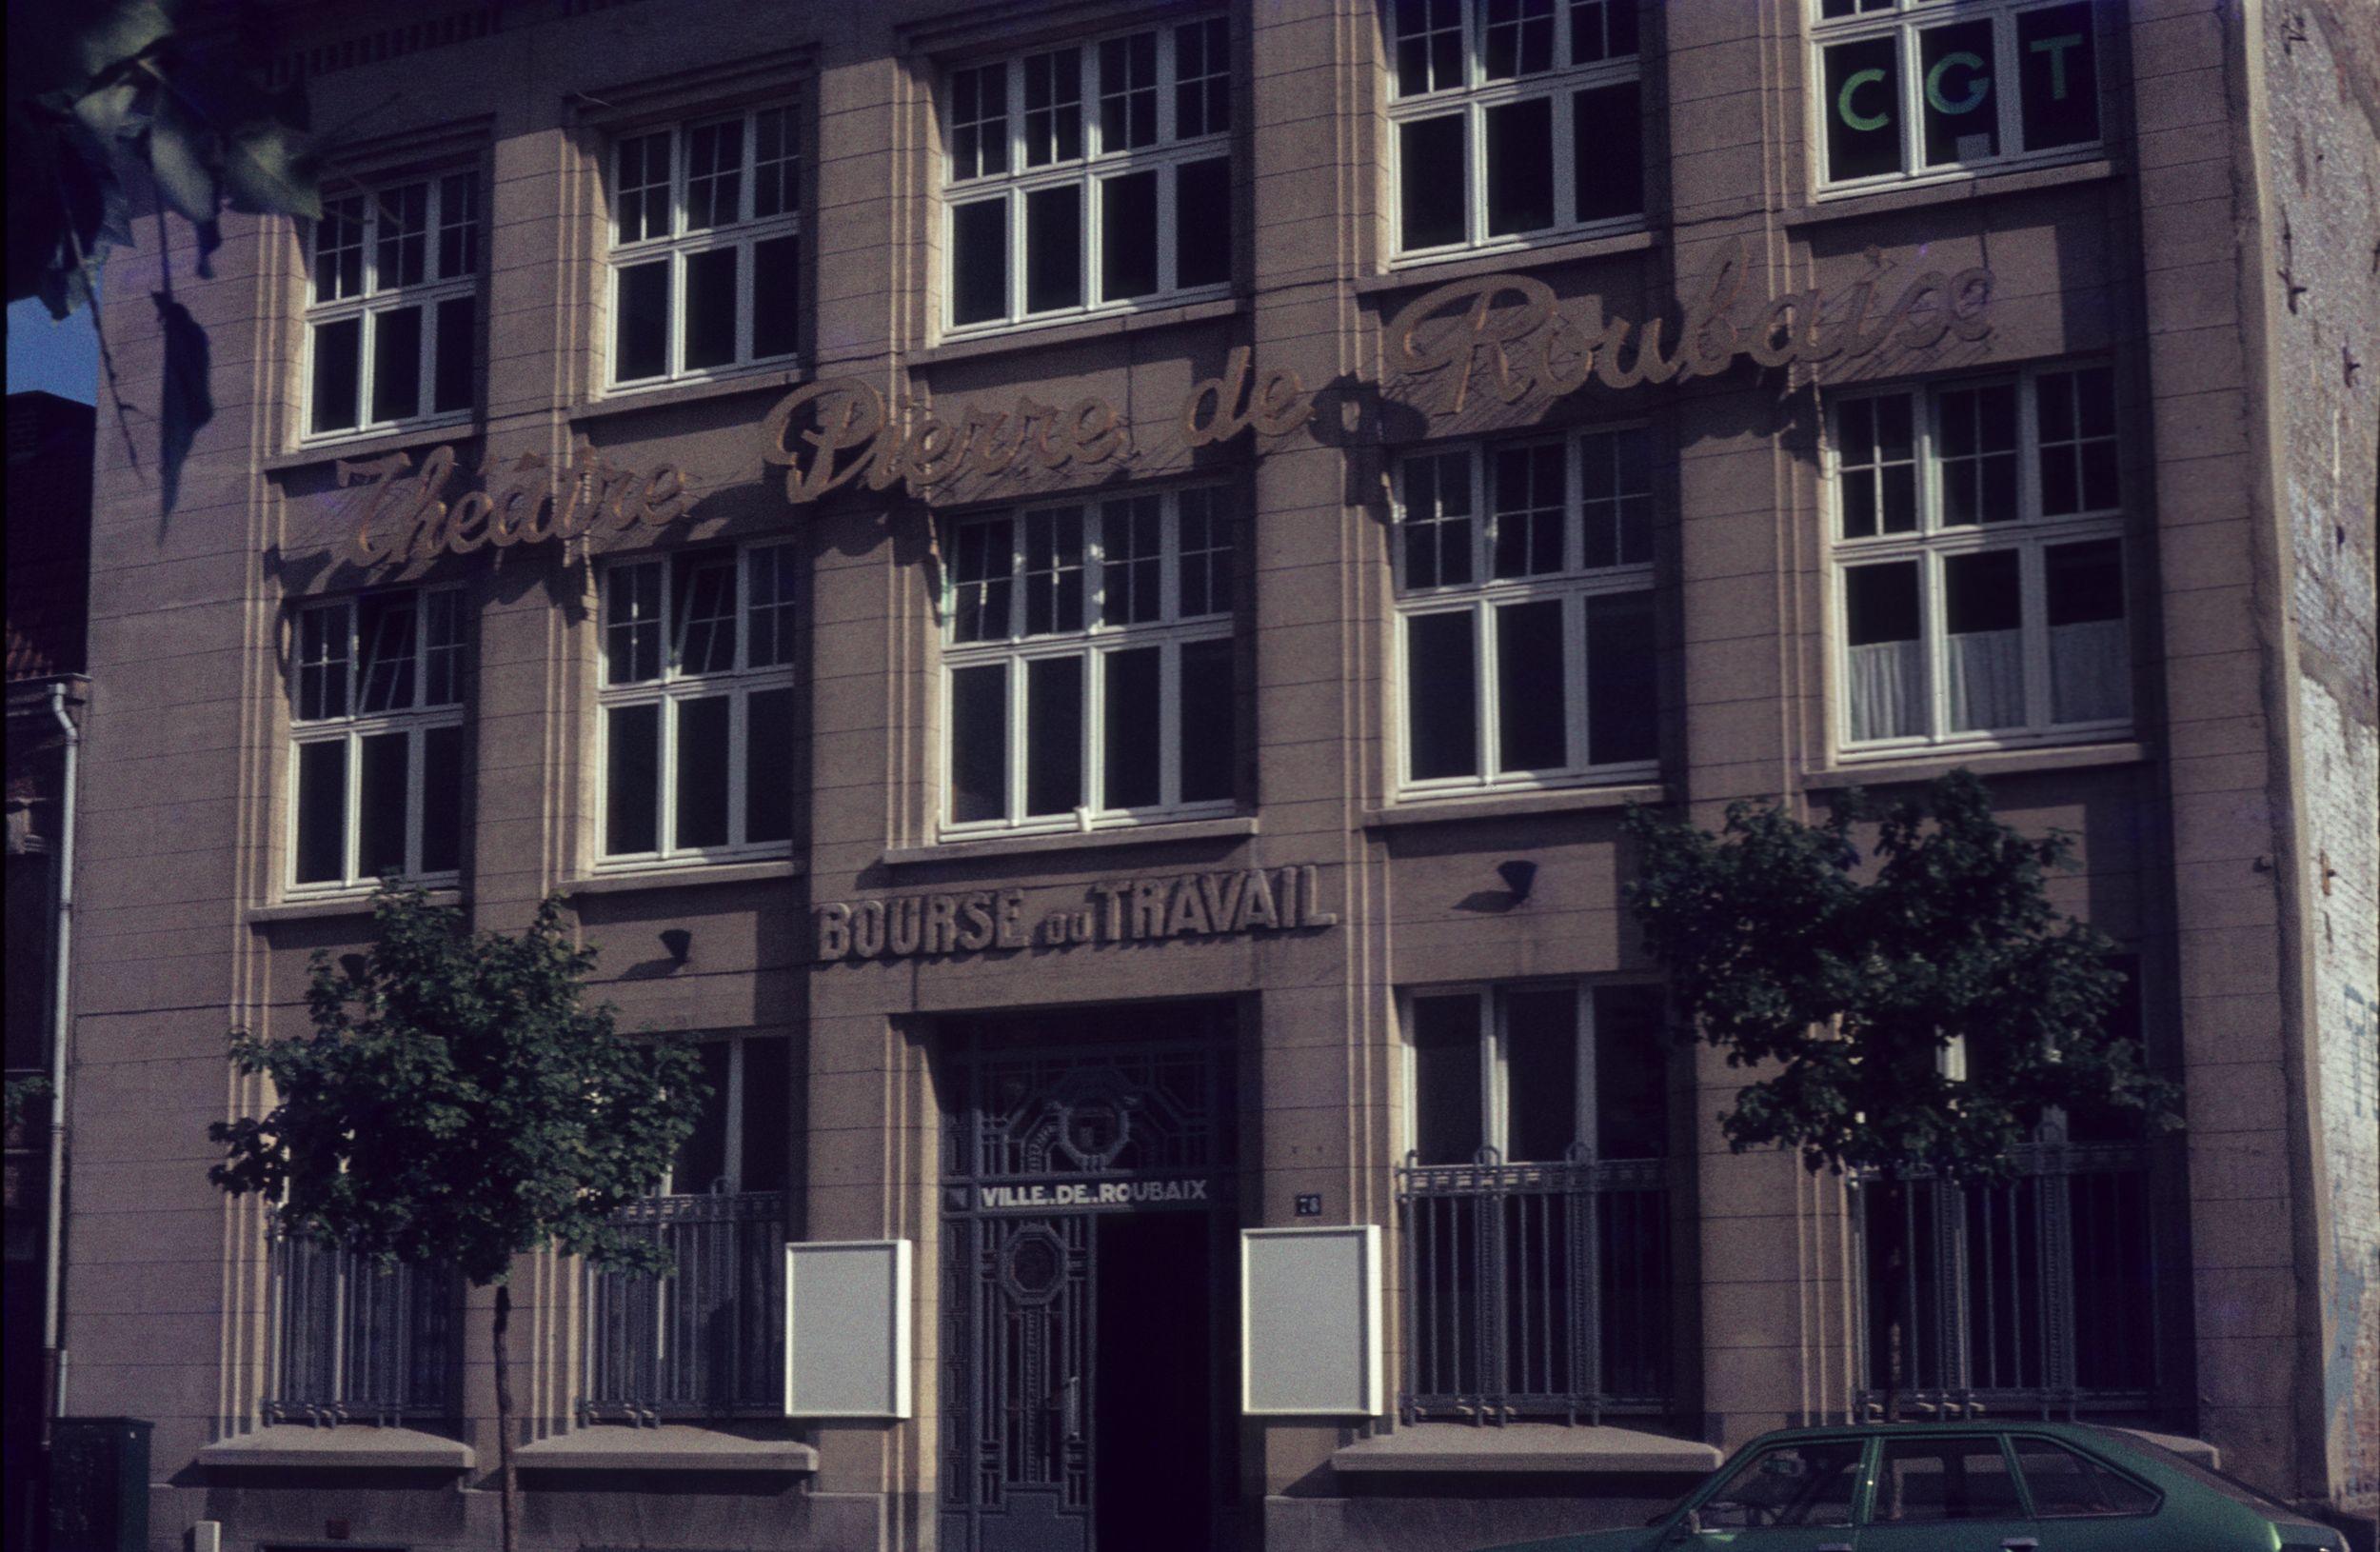 Brecht la bourse du travail ateliers memoire de roubaix - Place du travail roubaix ...